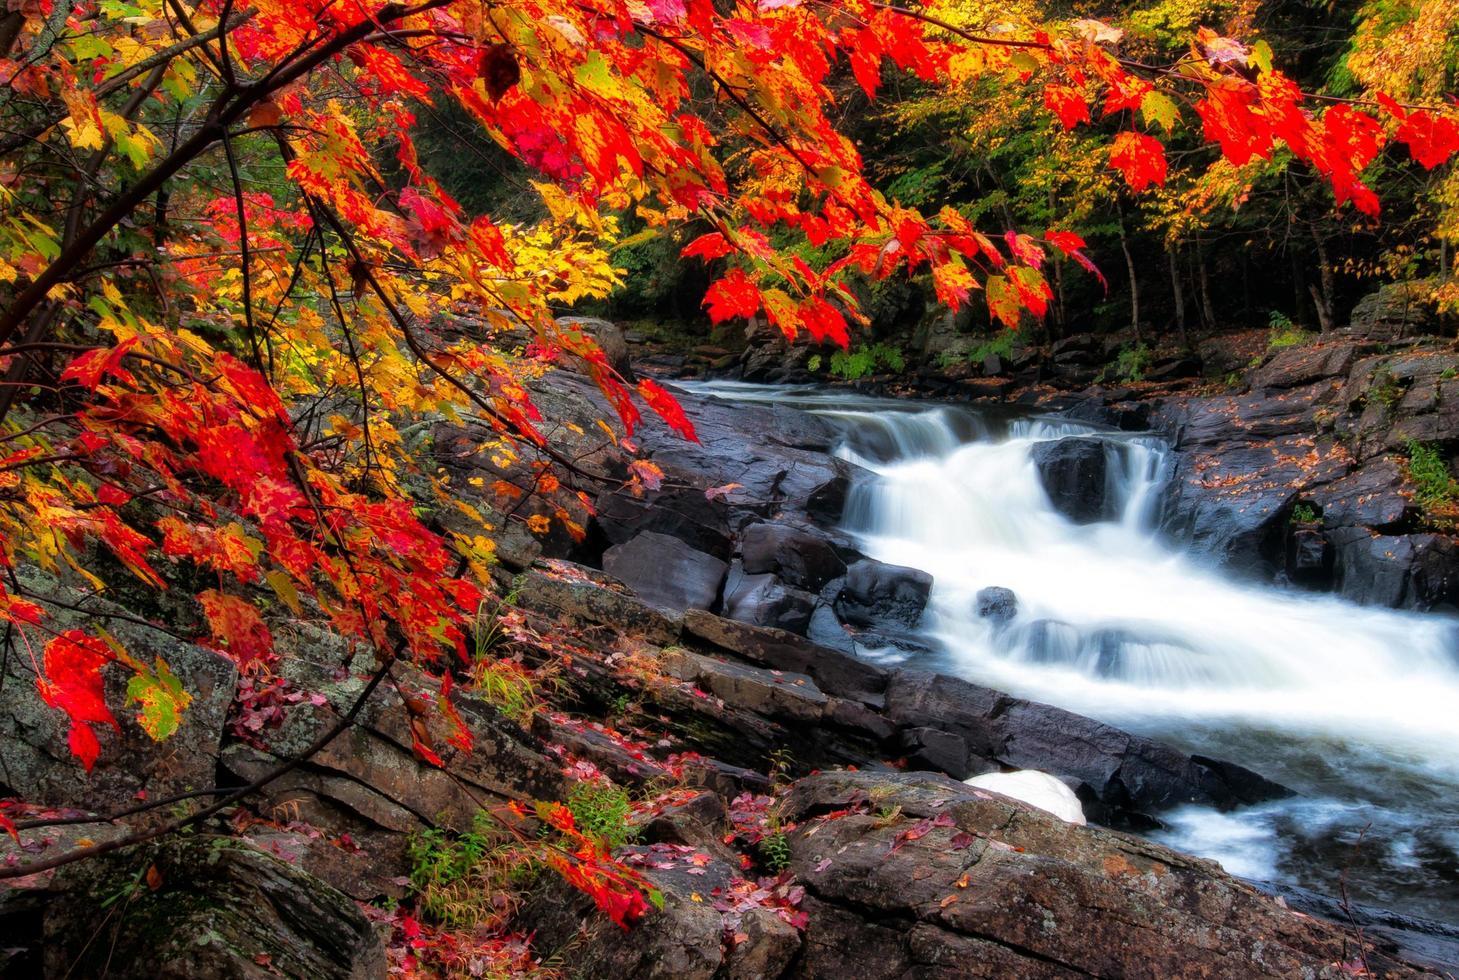 höstlöv och vattenfall foto